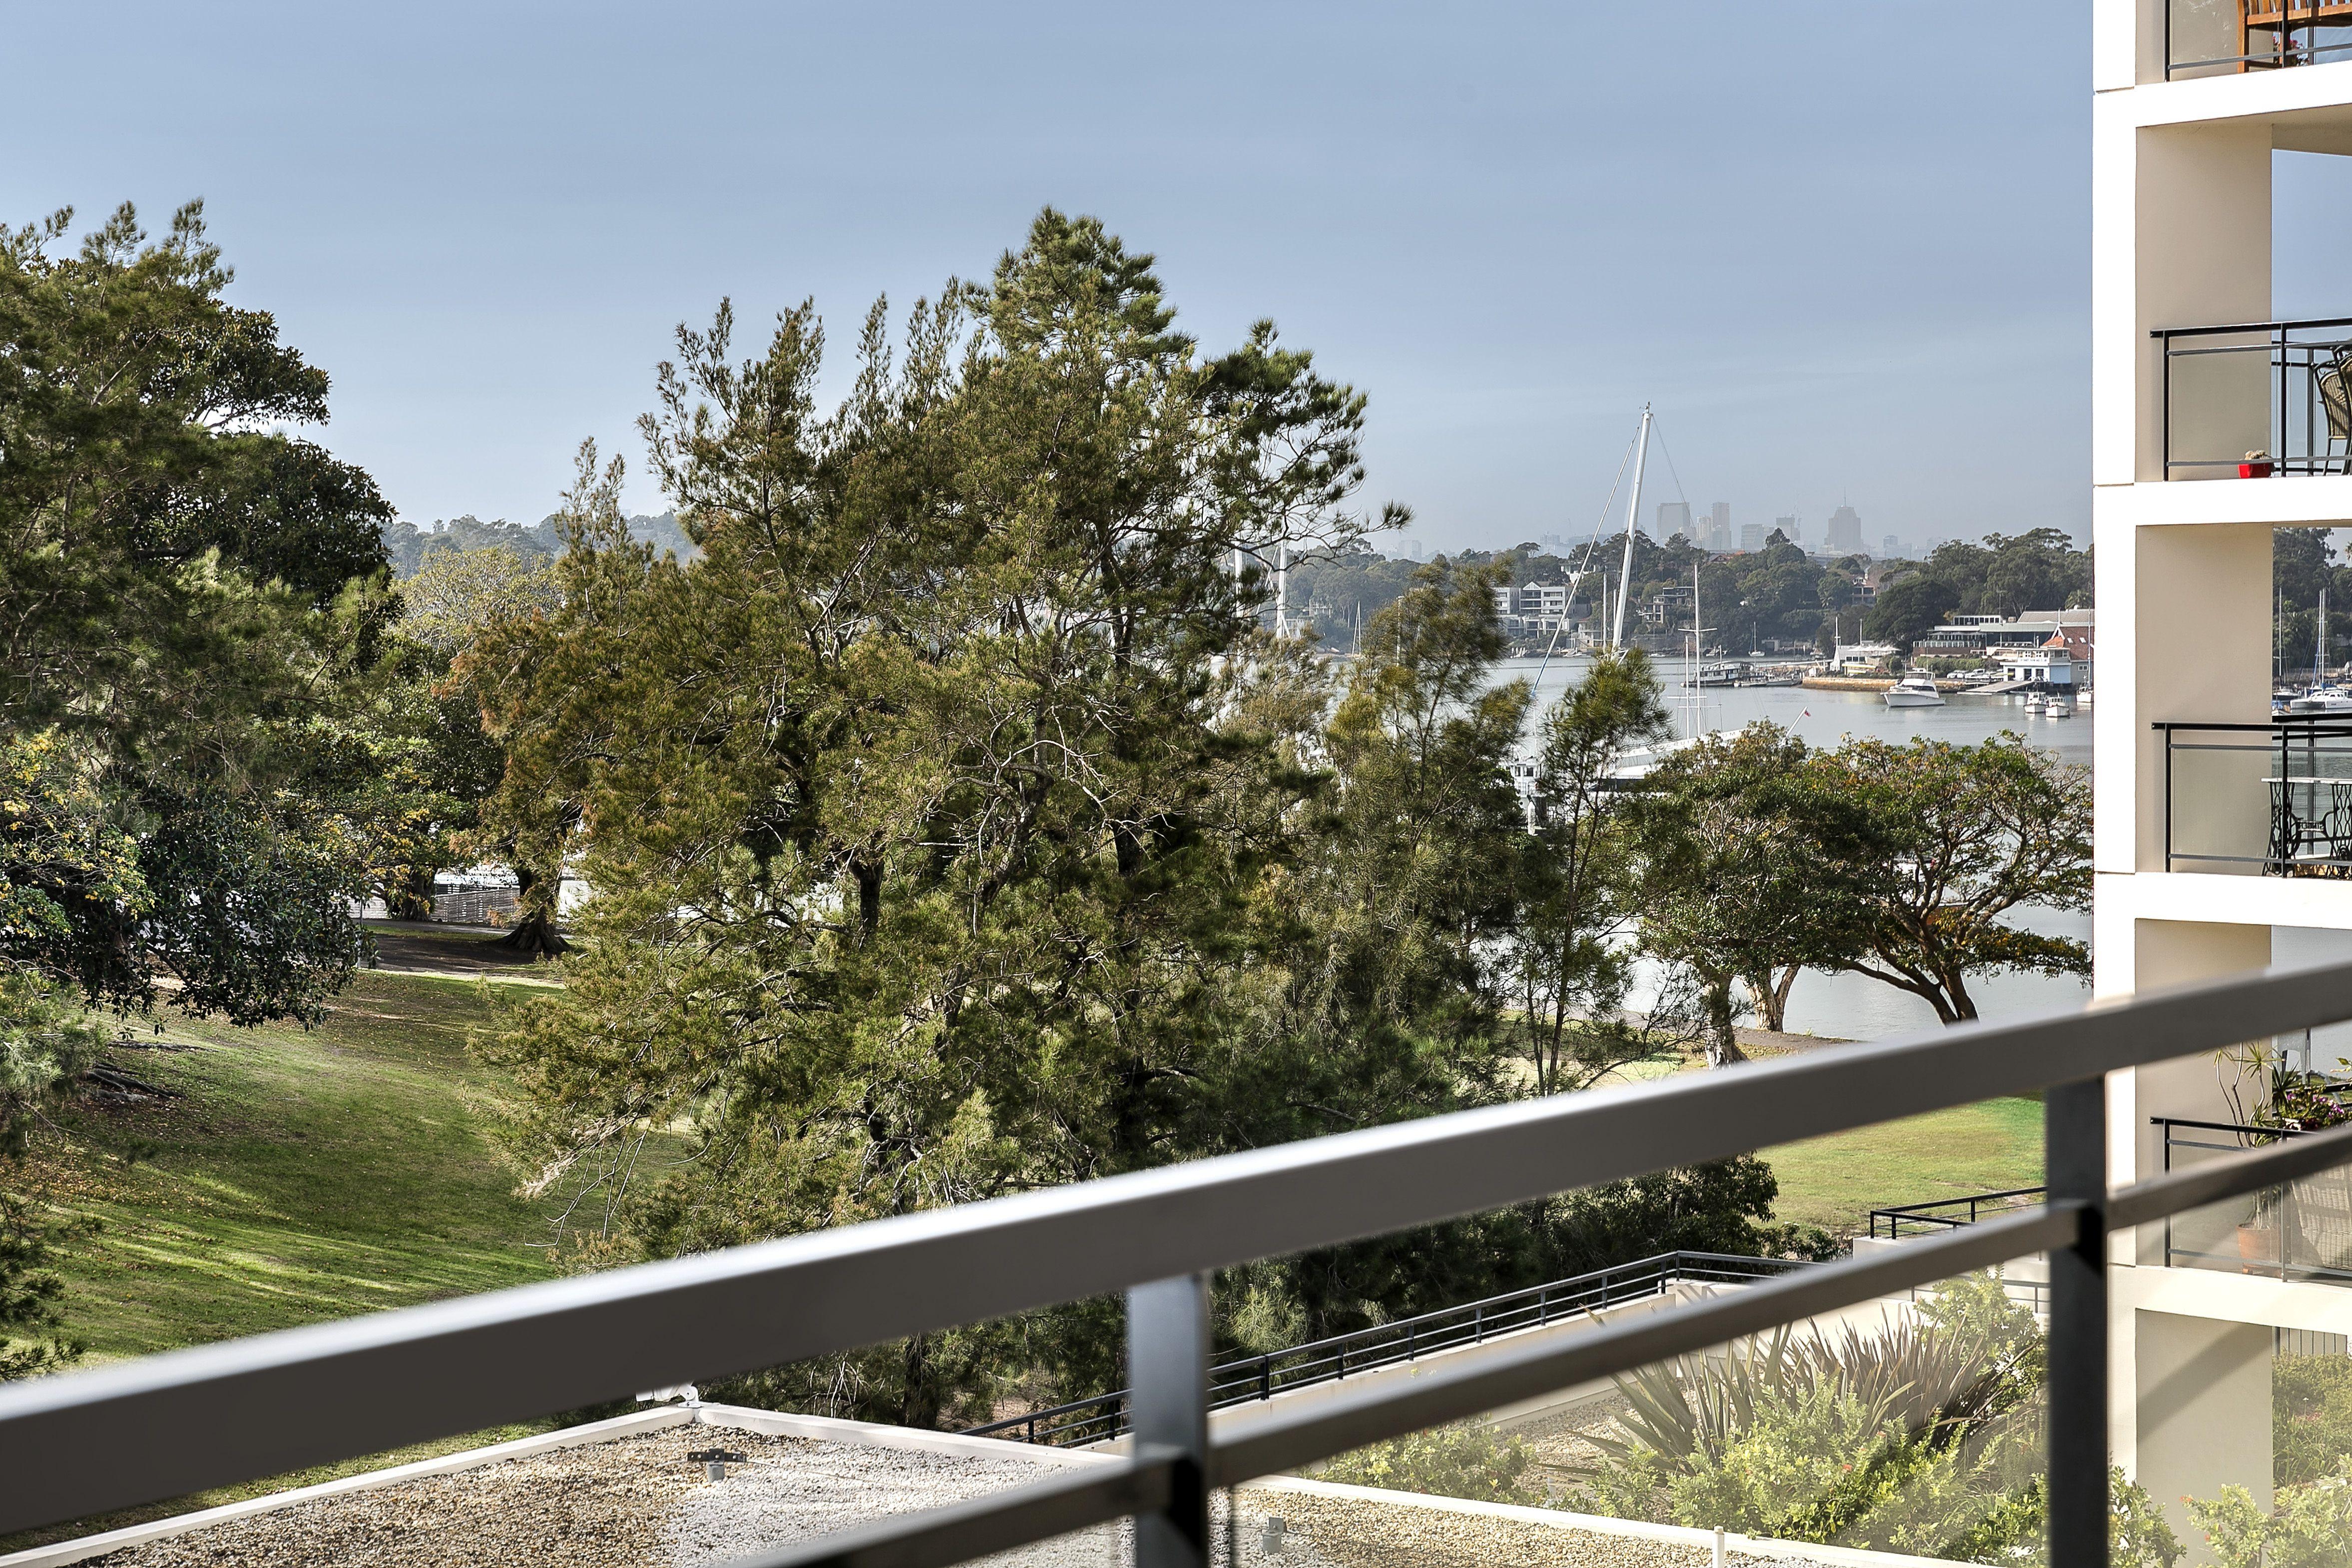 22/1 Bayside Terrace Cabarita 2137